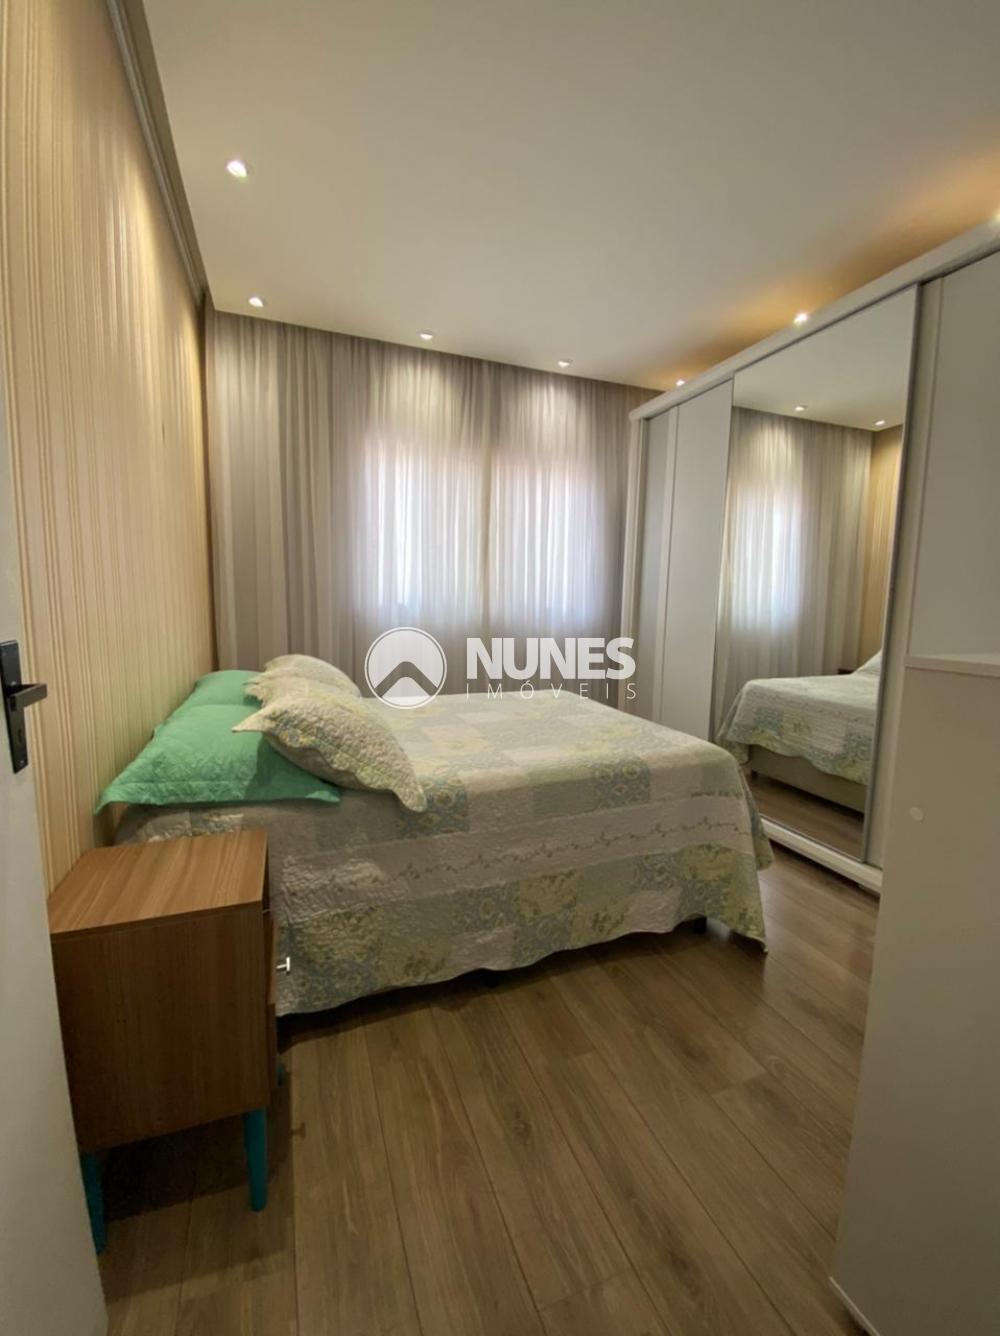 Comprar Casa / Sobrado em Barueri R$ 350.000,00 - Foto 18